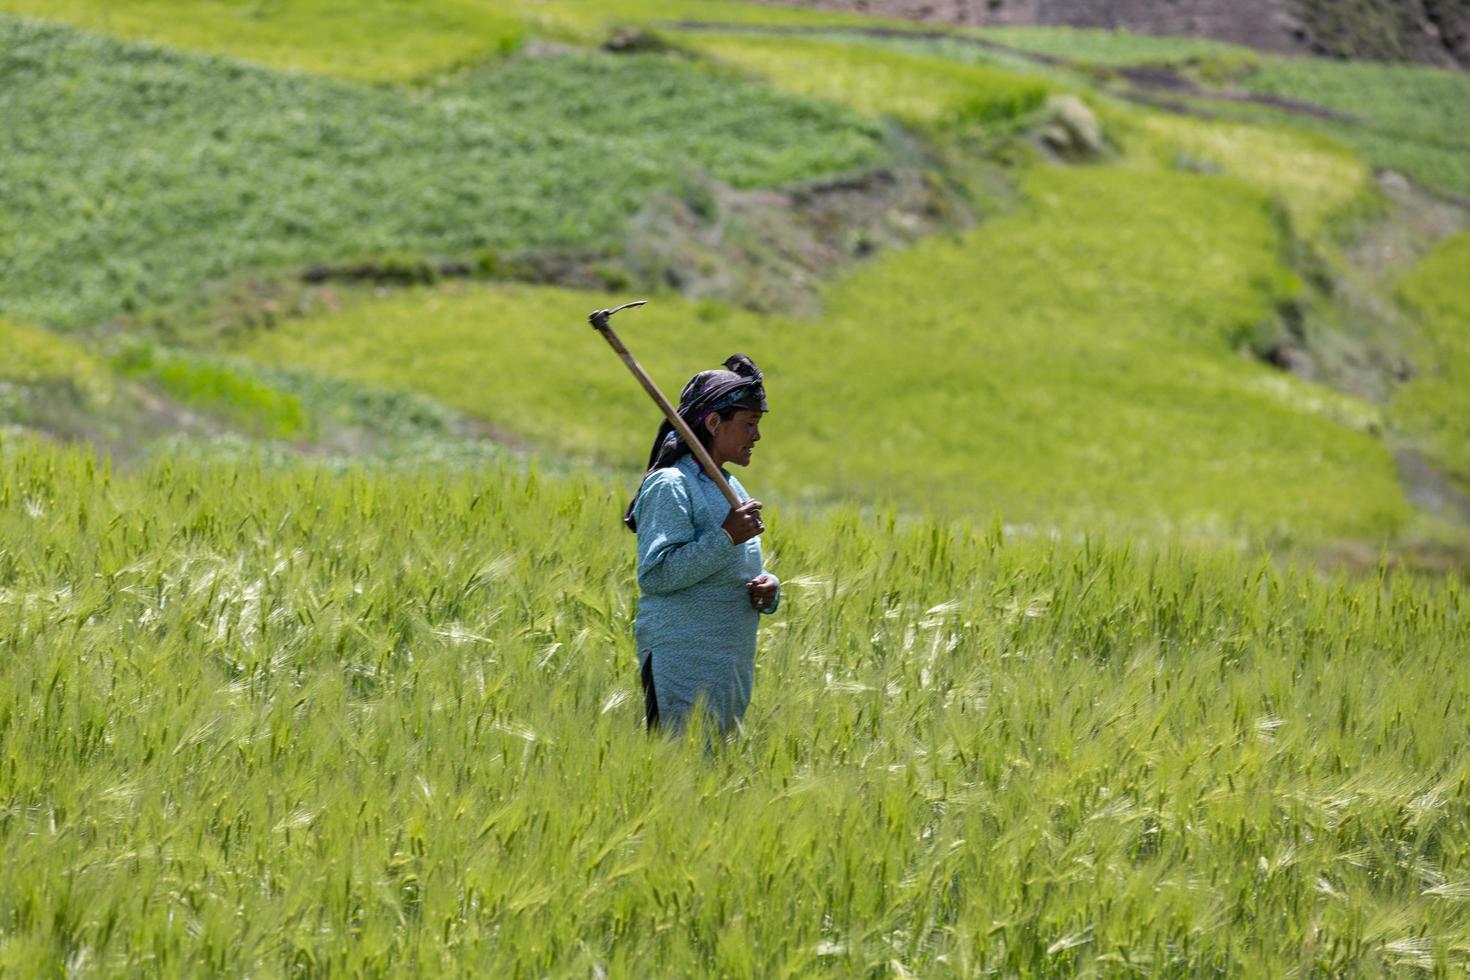 Komic Village, Indien, 2019 - Frau erntet Getreide auf einem Feld foto